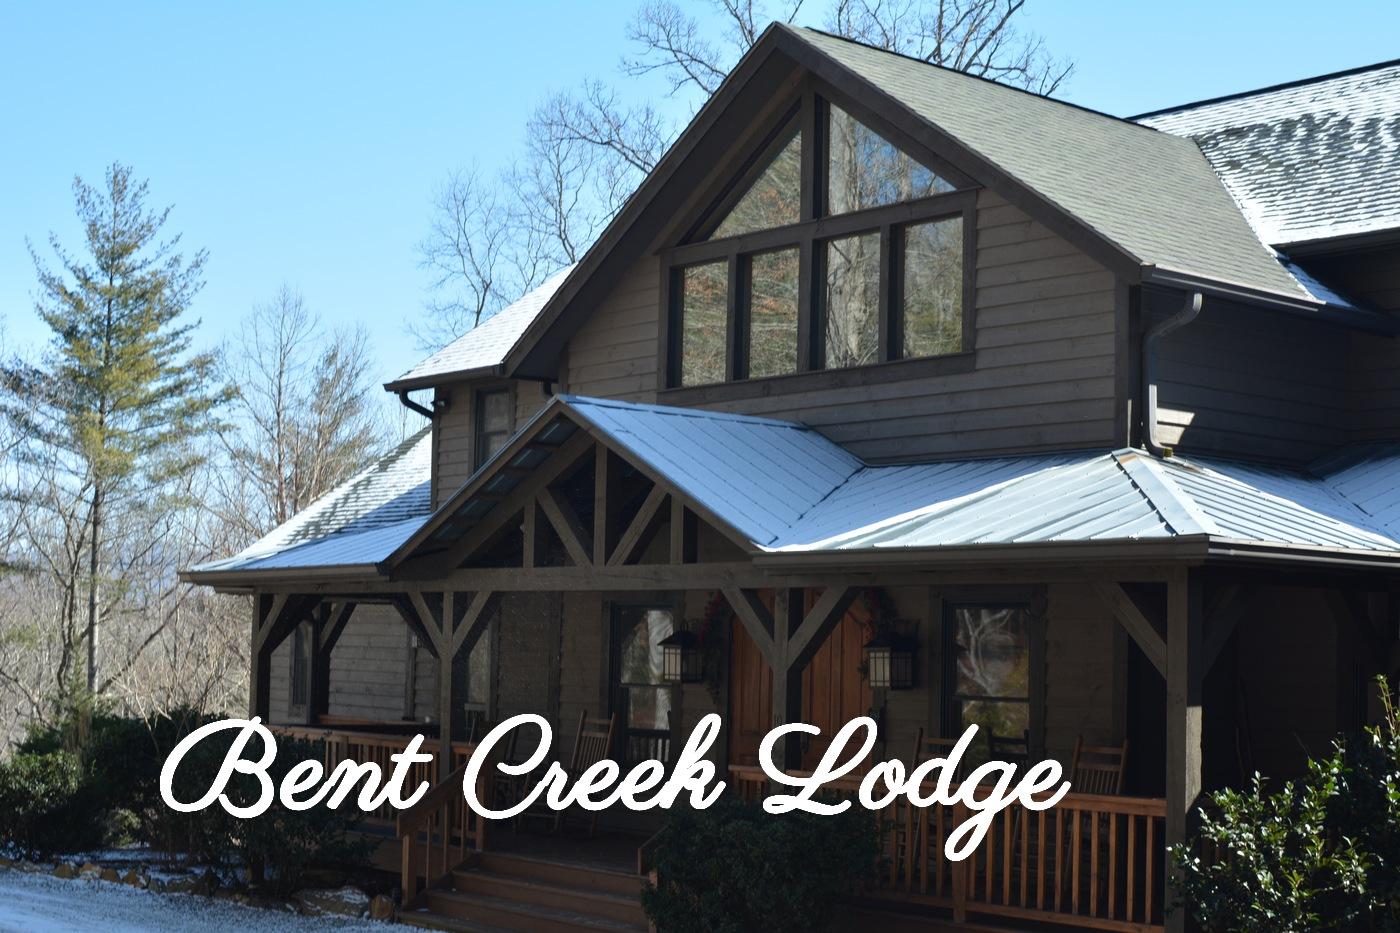 Vue sur le Bent Creek Lodge